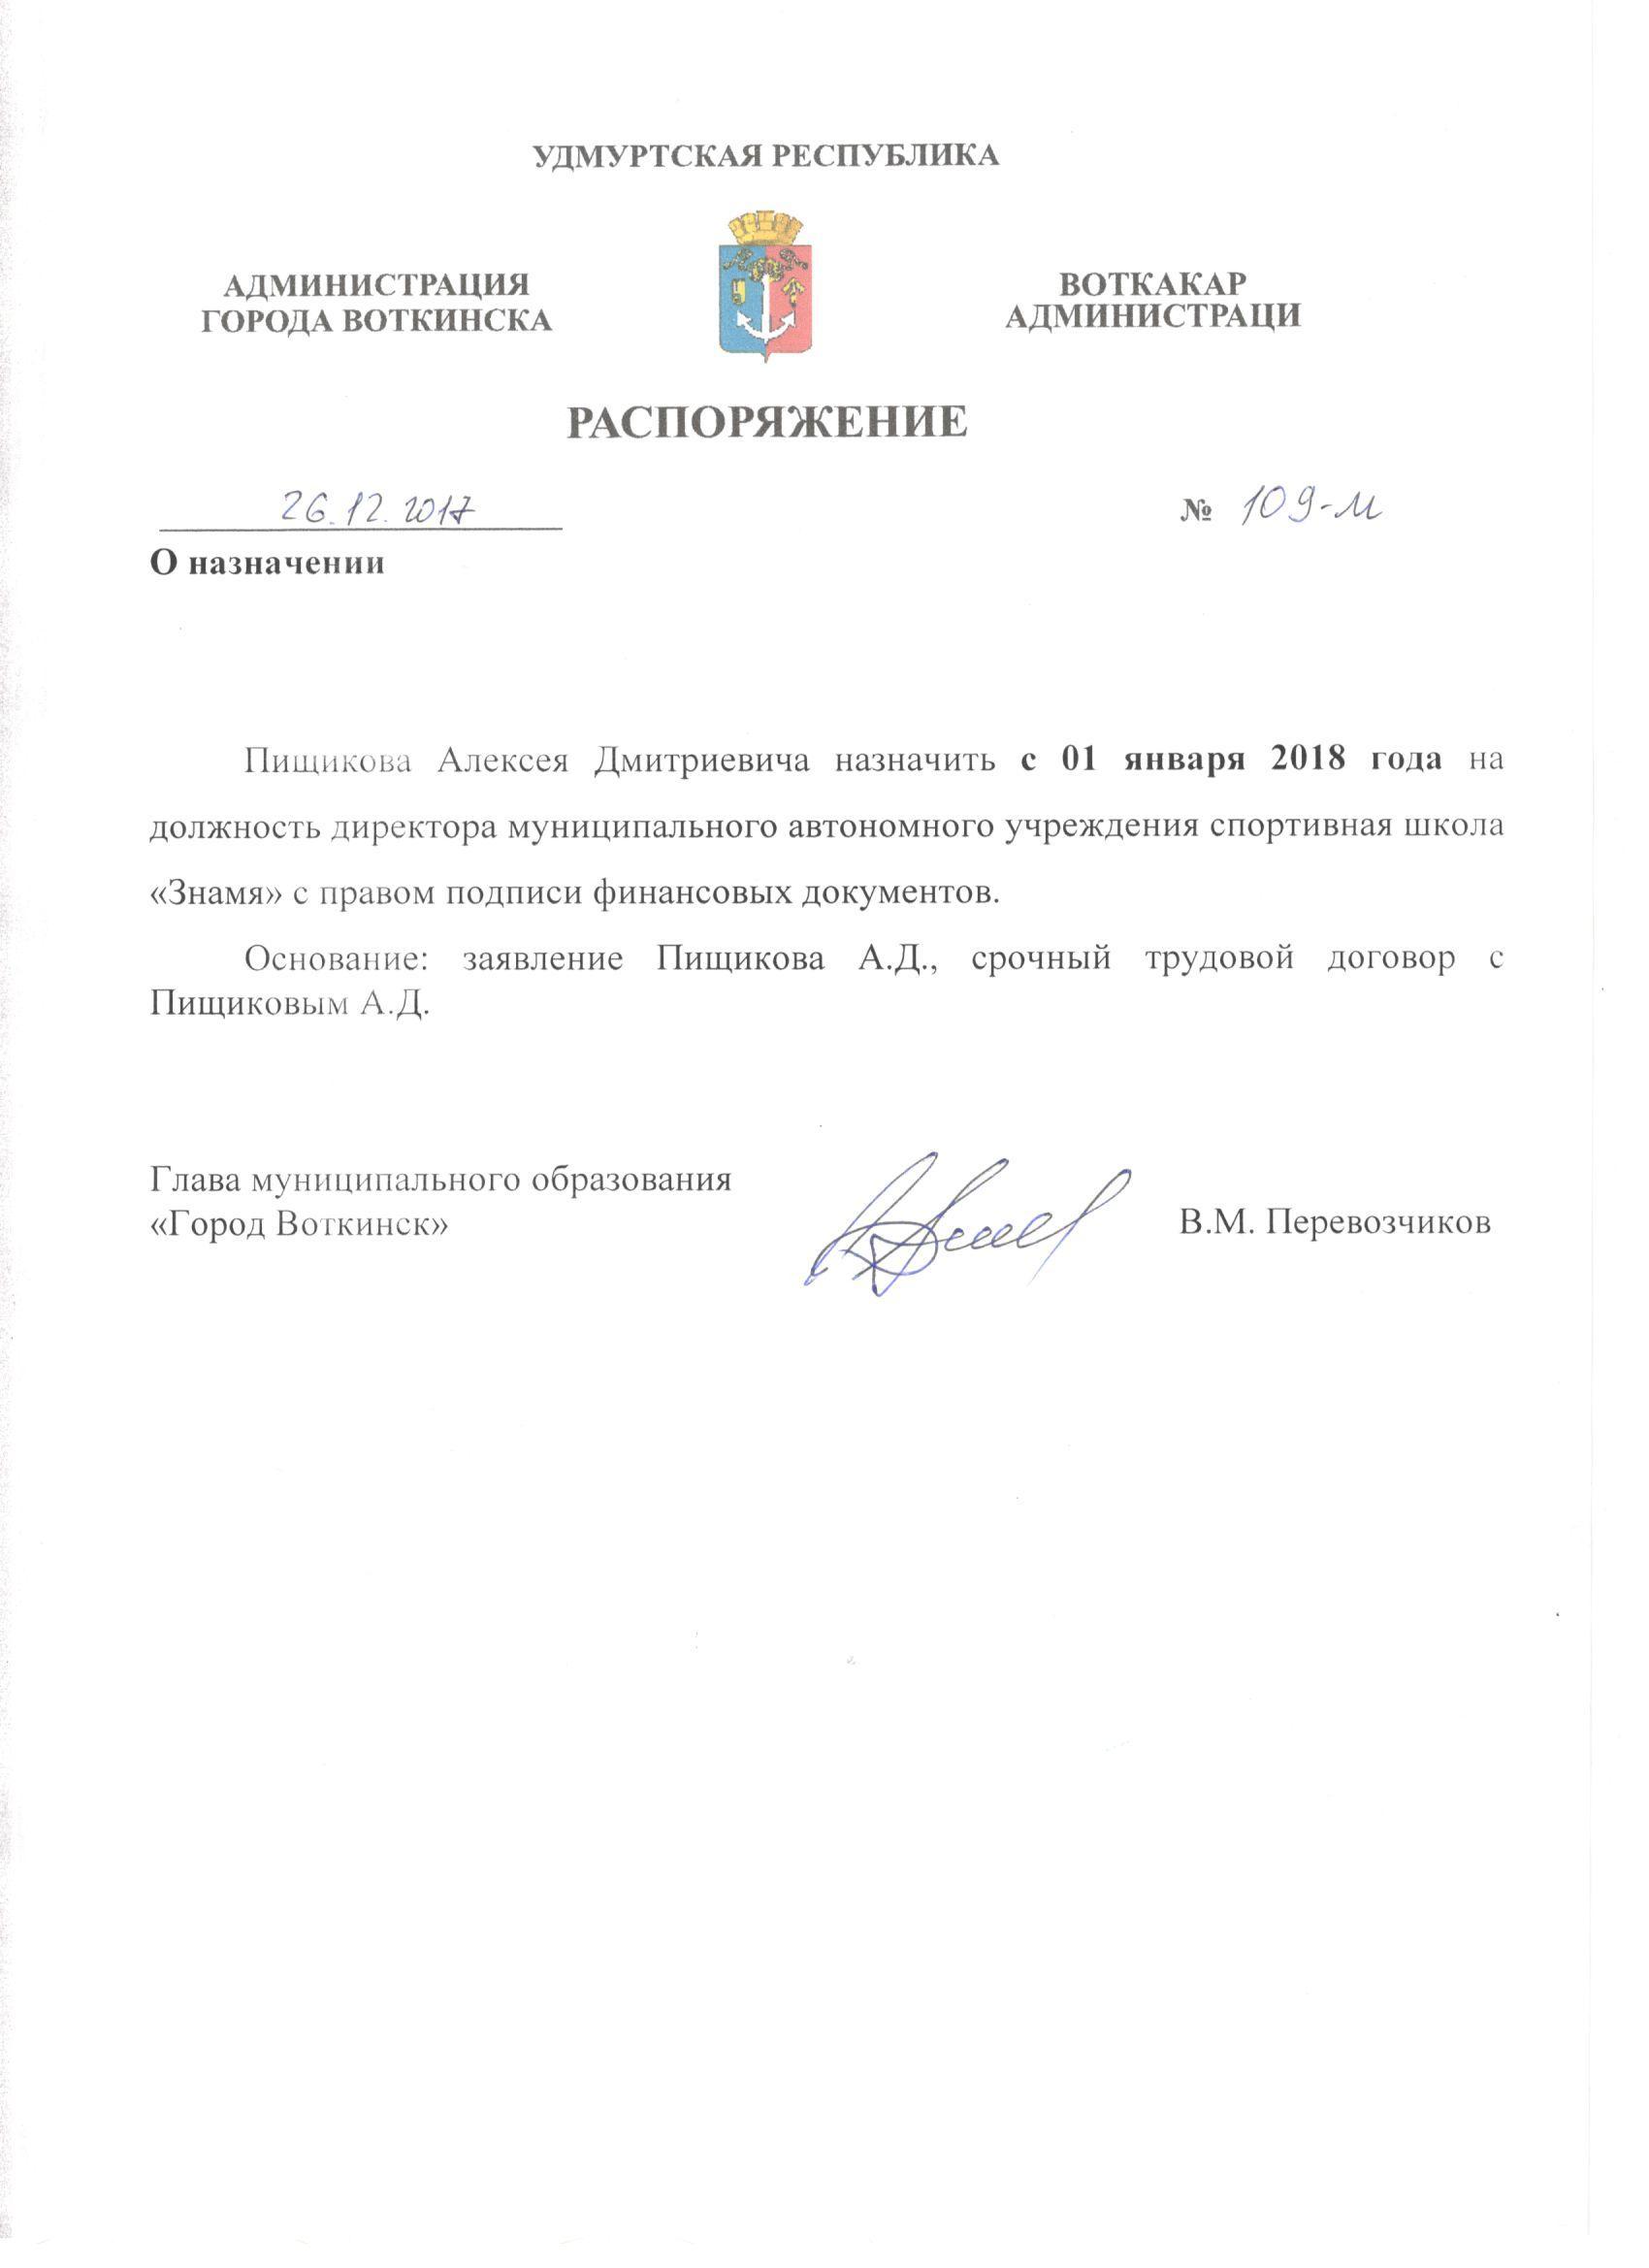 rasporyazhenie-na-pishhikova